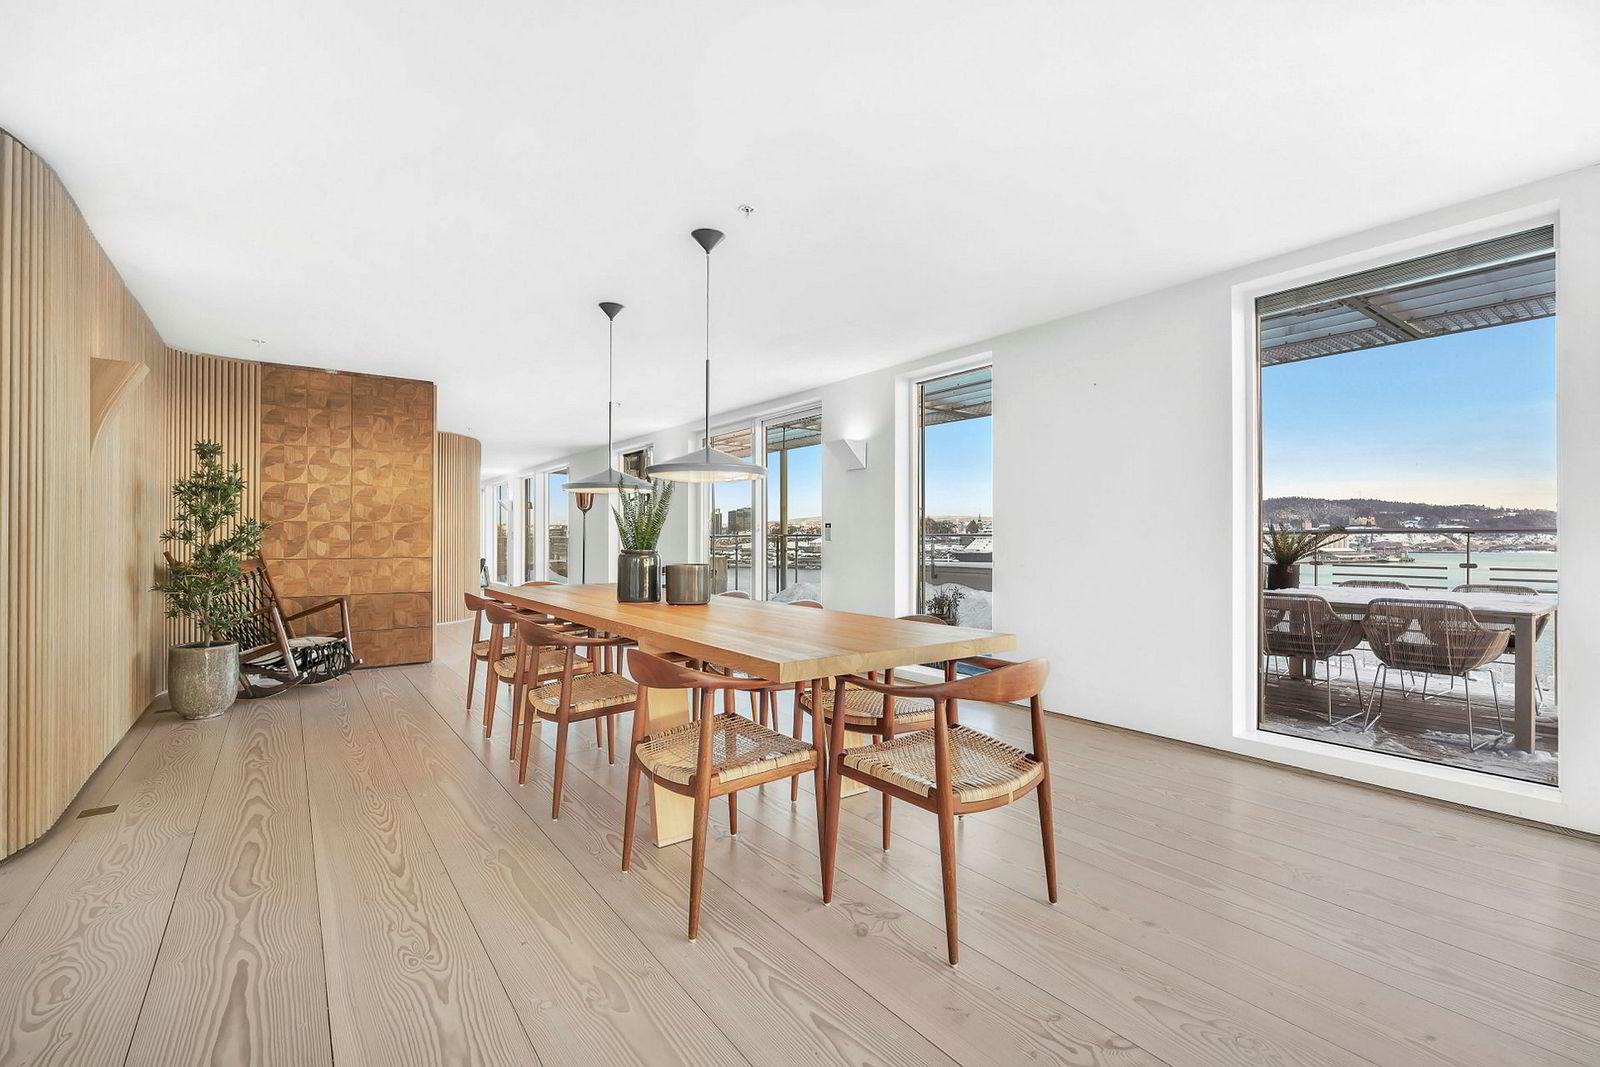 Penthouseleiligheten består av to leiligheter som Einar Aas har slått sammen.